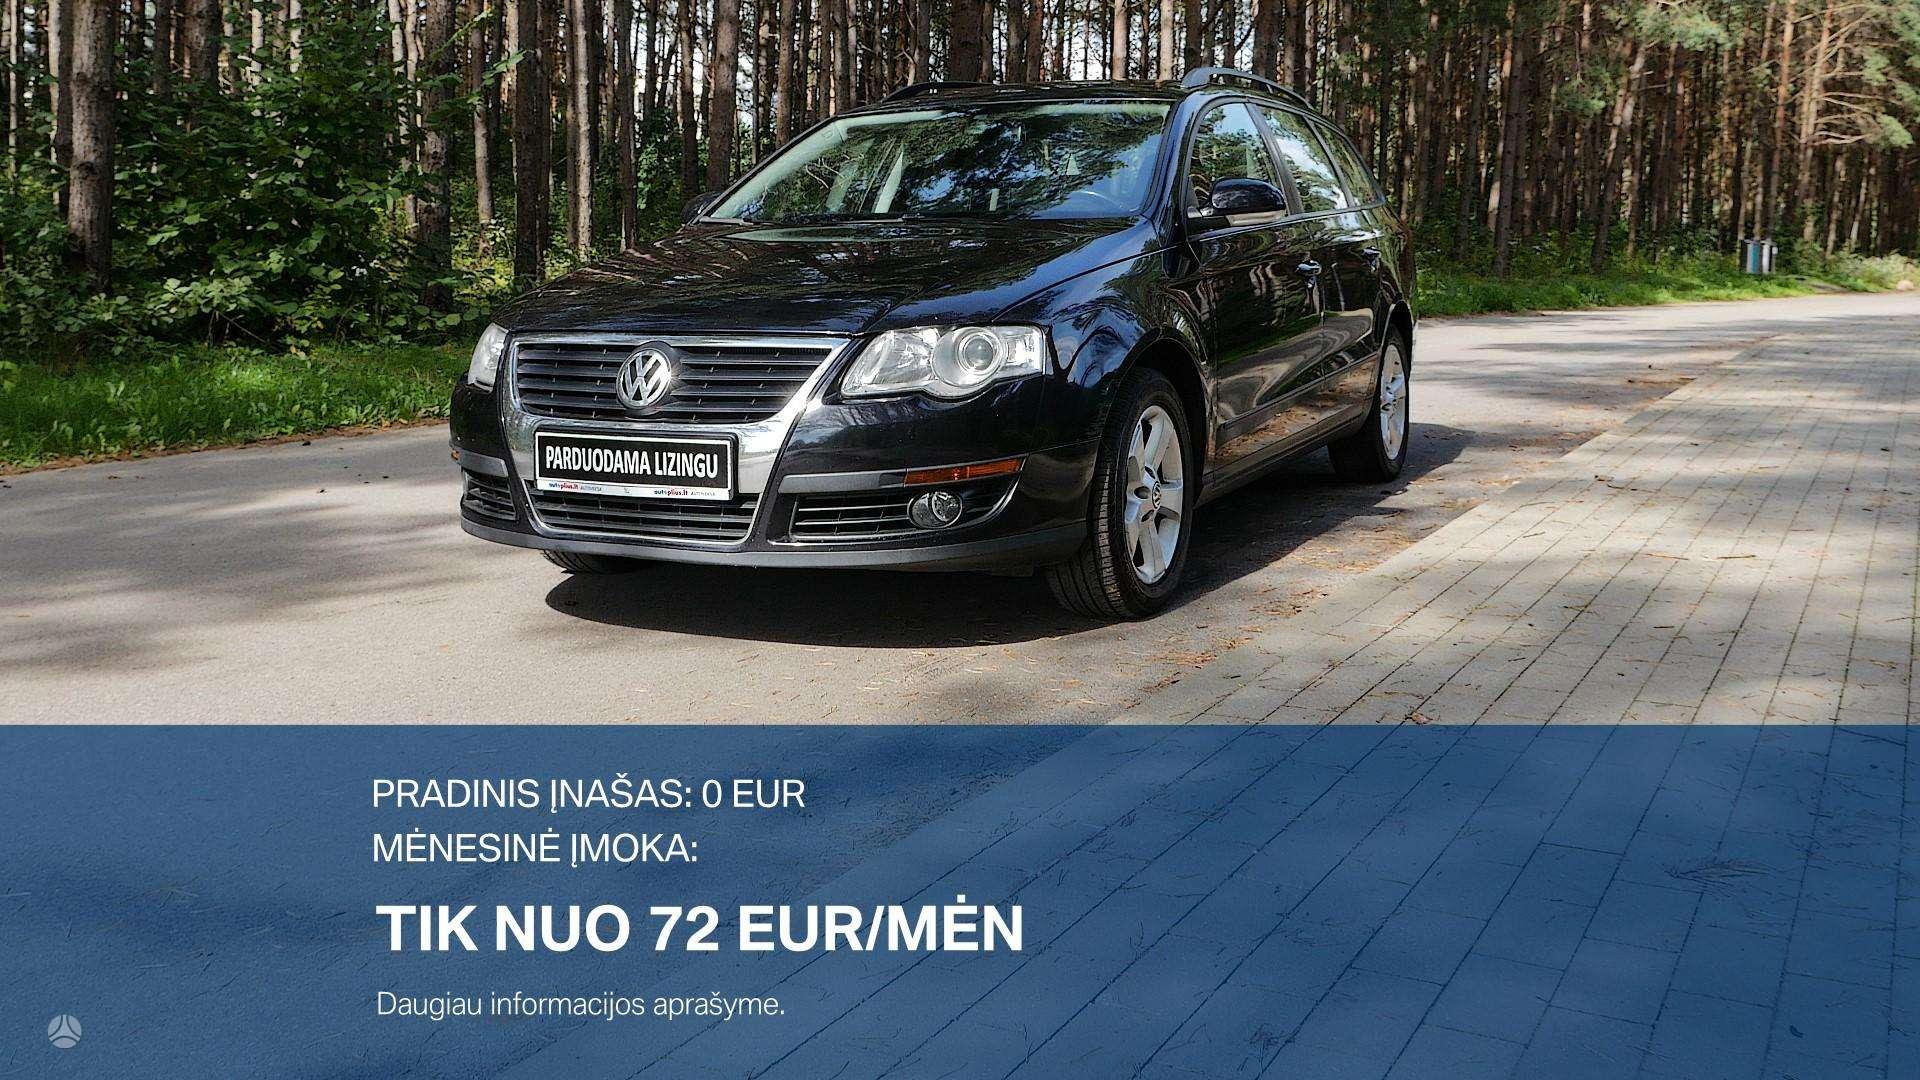 Volkswagen Passat Išsimokėtinai nuo 72Eur/Mėn su 3 mėnesių garantija